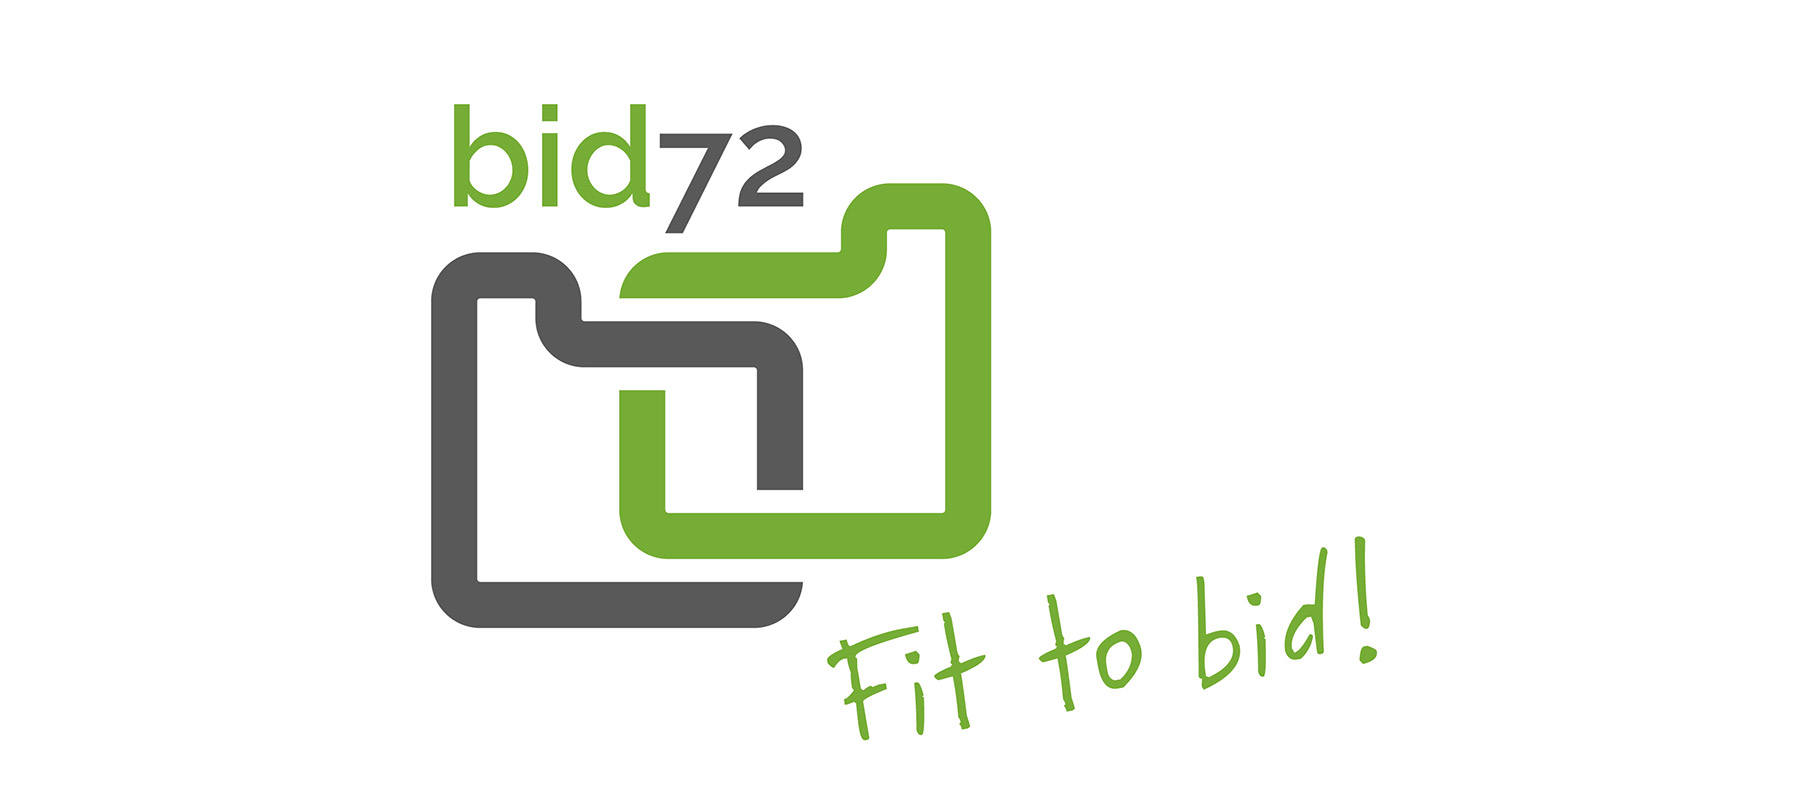 het logo van bid72: twee gestileerde gespiegelde vormen, één groen, één grijs, die biedkaarten voorstellen en te lezen zijn als het woord 'bid'